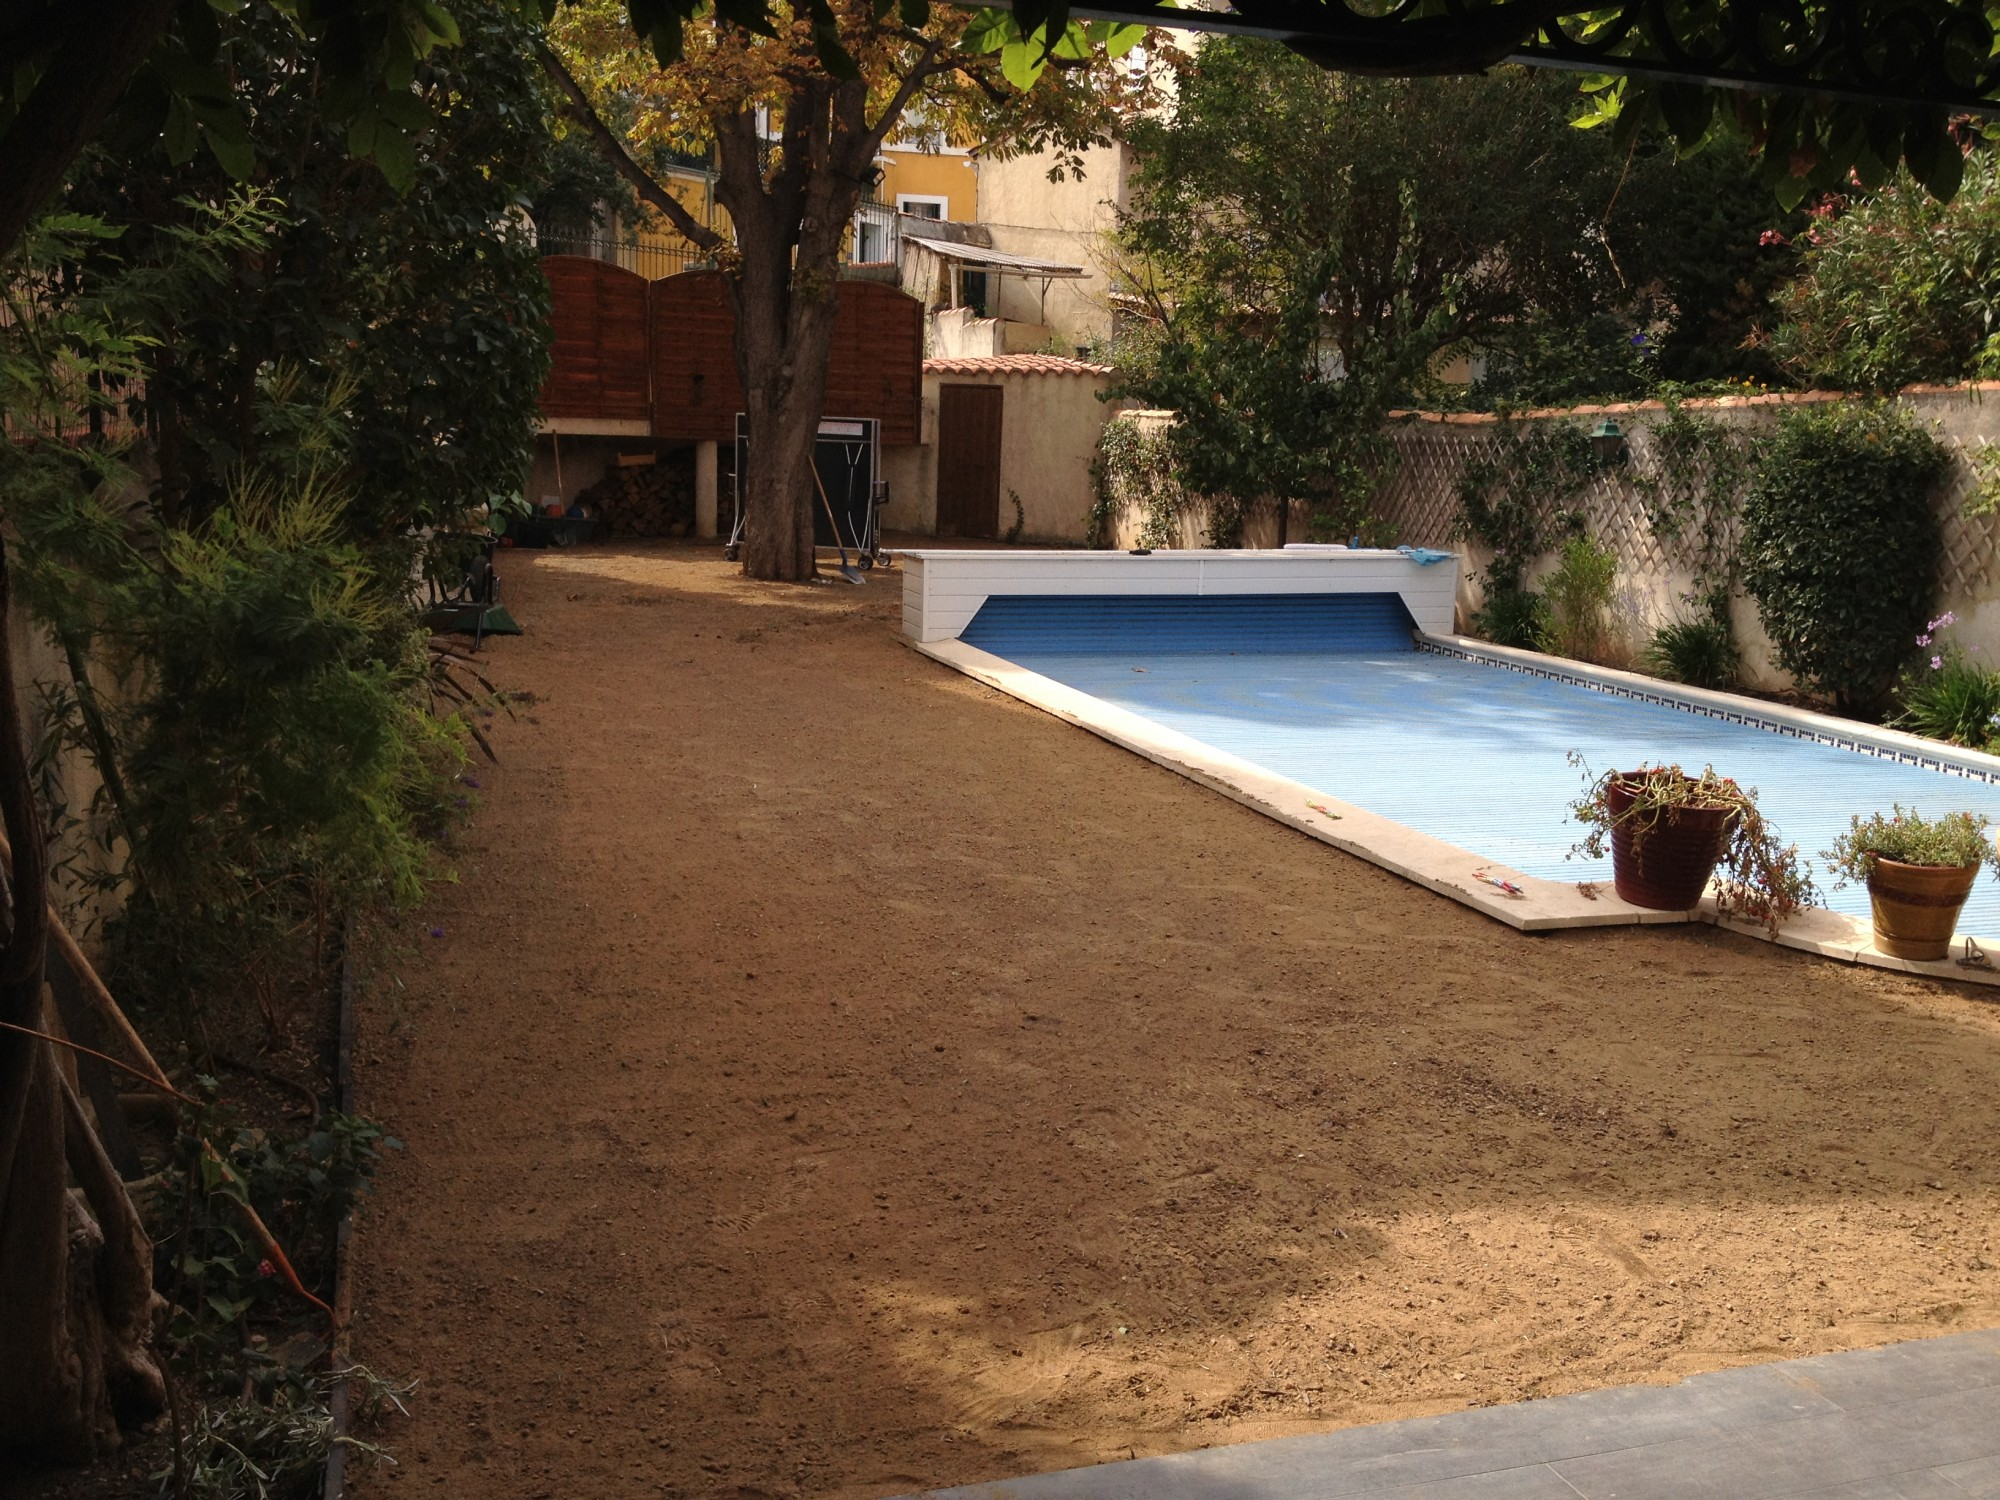 Que mettre autour d une piscine comment amnager autour de votre piscine mon coach jardinmon - Que mettre autour d une piscine ...